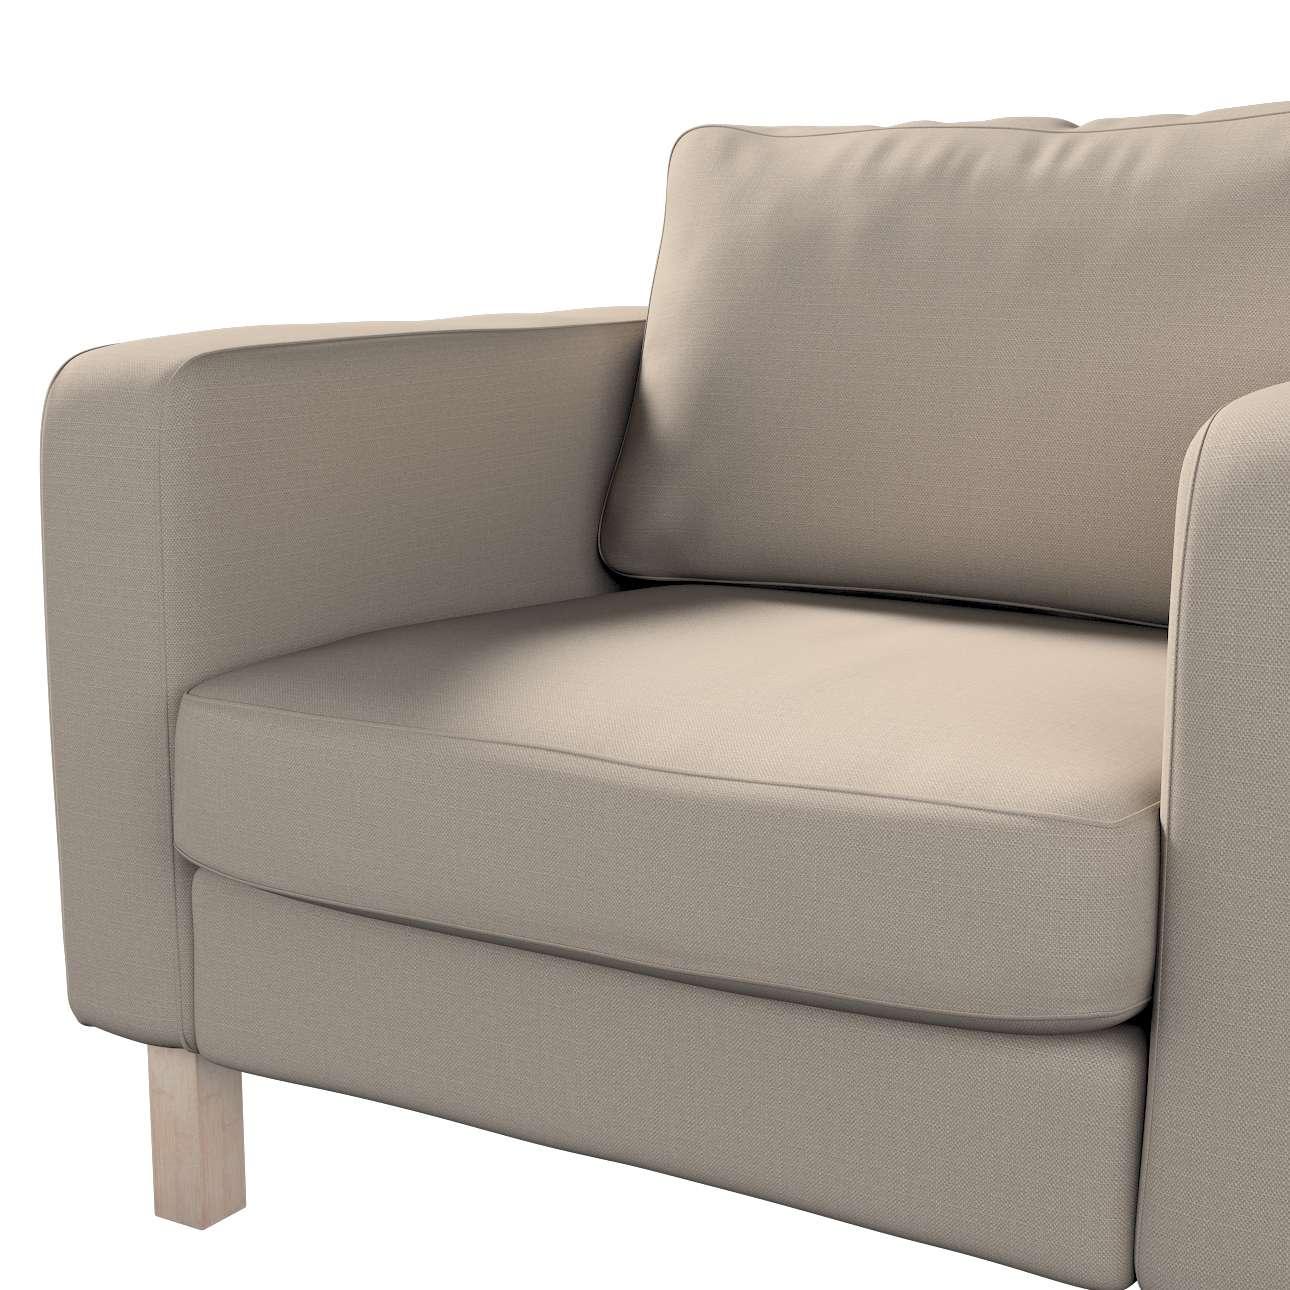 Karlstad päällinen nojatuoli mallistosta Living, Kangas: 161-53